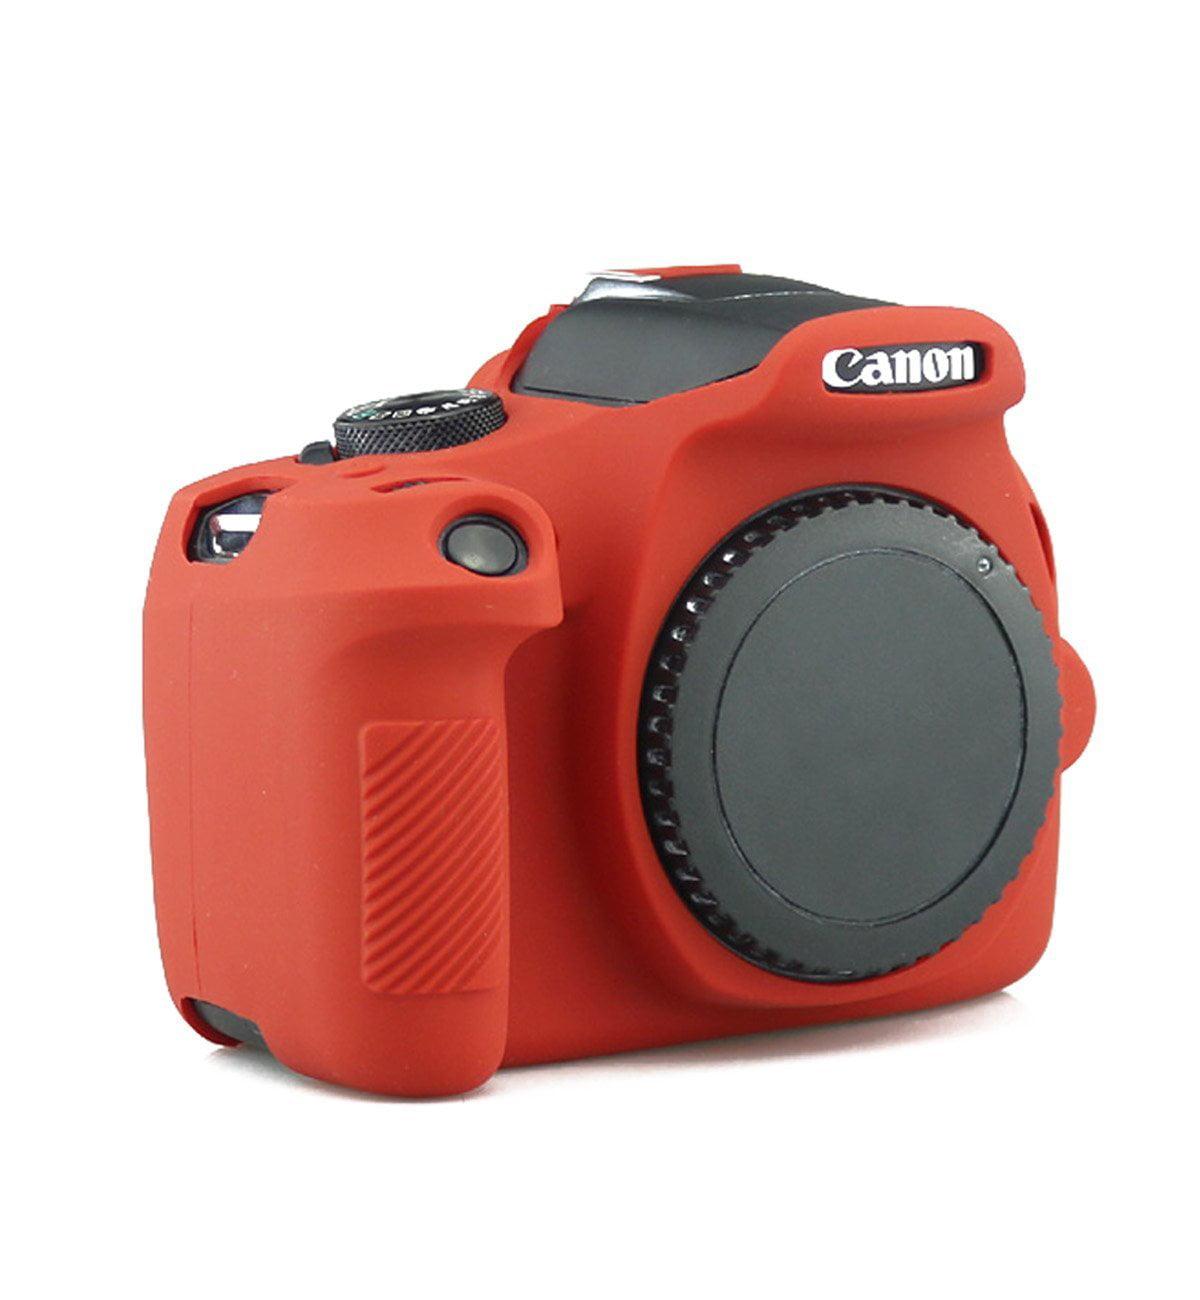 CEARI VSM-06 Vintage Camera Shoulder Neck Strap for Canon EOS Rebel T6S T6 T5i T5 T4i T3i T3 T2i T1i XTi XT XSi XS SL1 Digital SLR Camera Pink